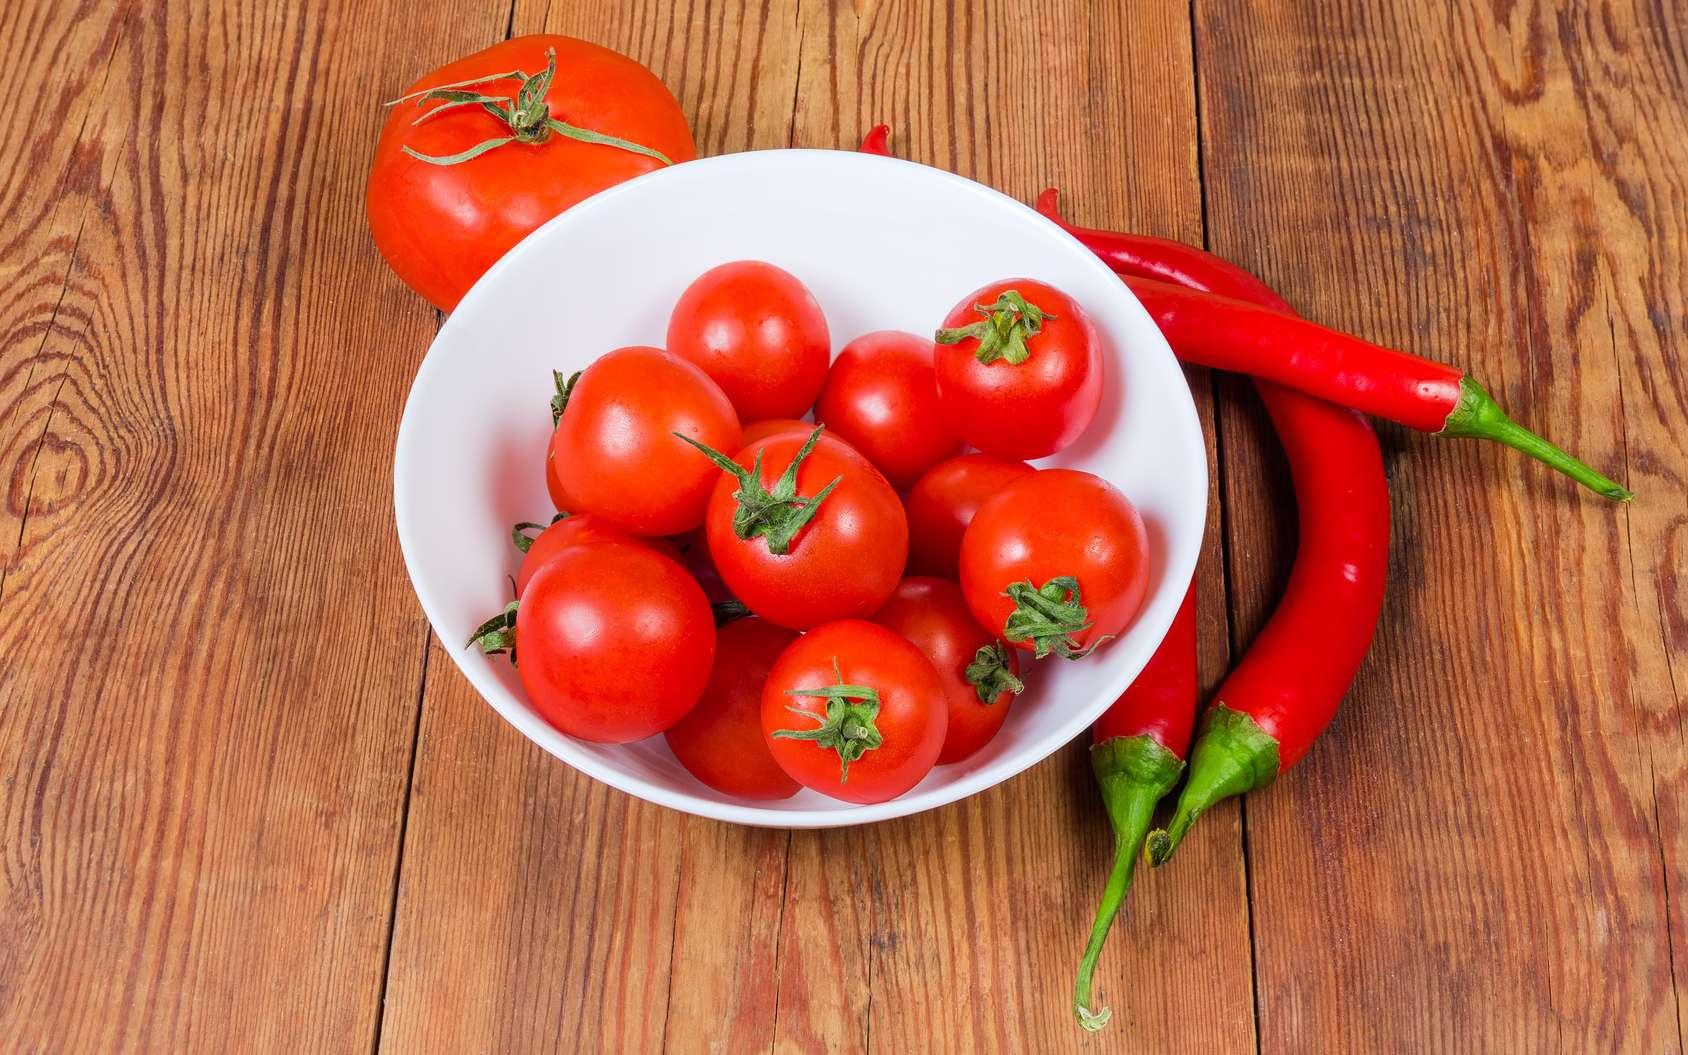 Des tomates aussi épicées que les piments naturels grâce à la génétique. © An-T, Fotolia